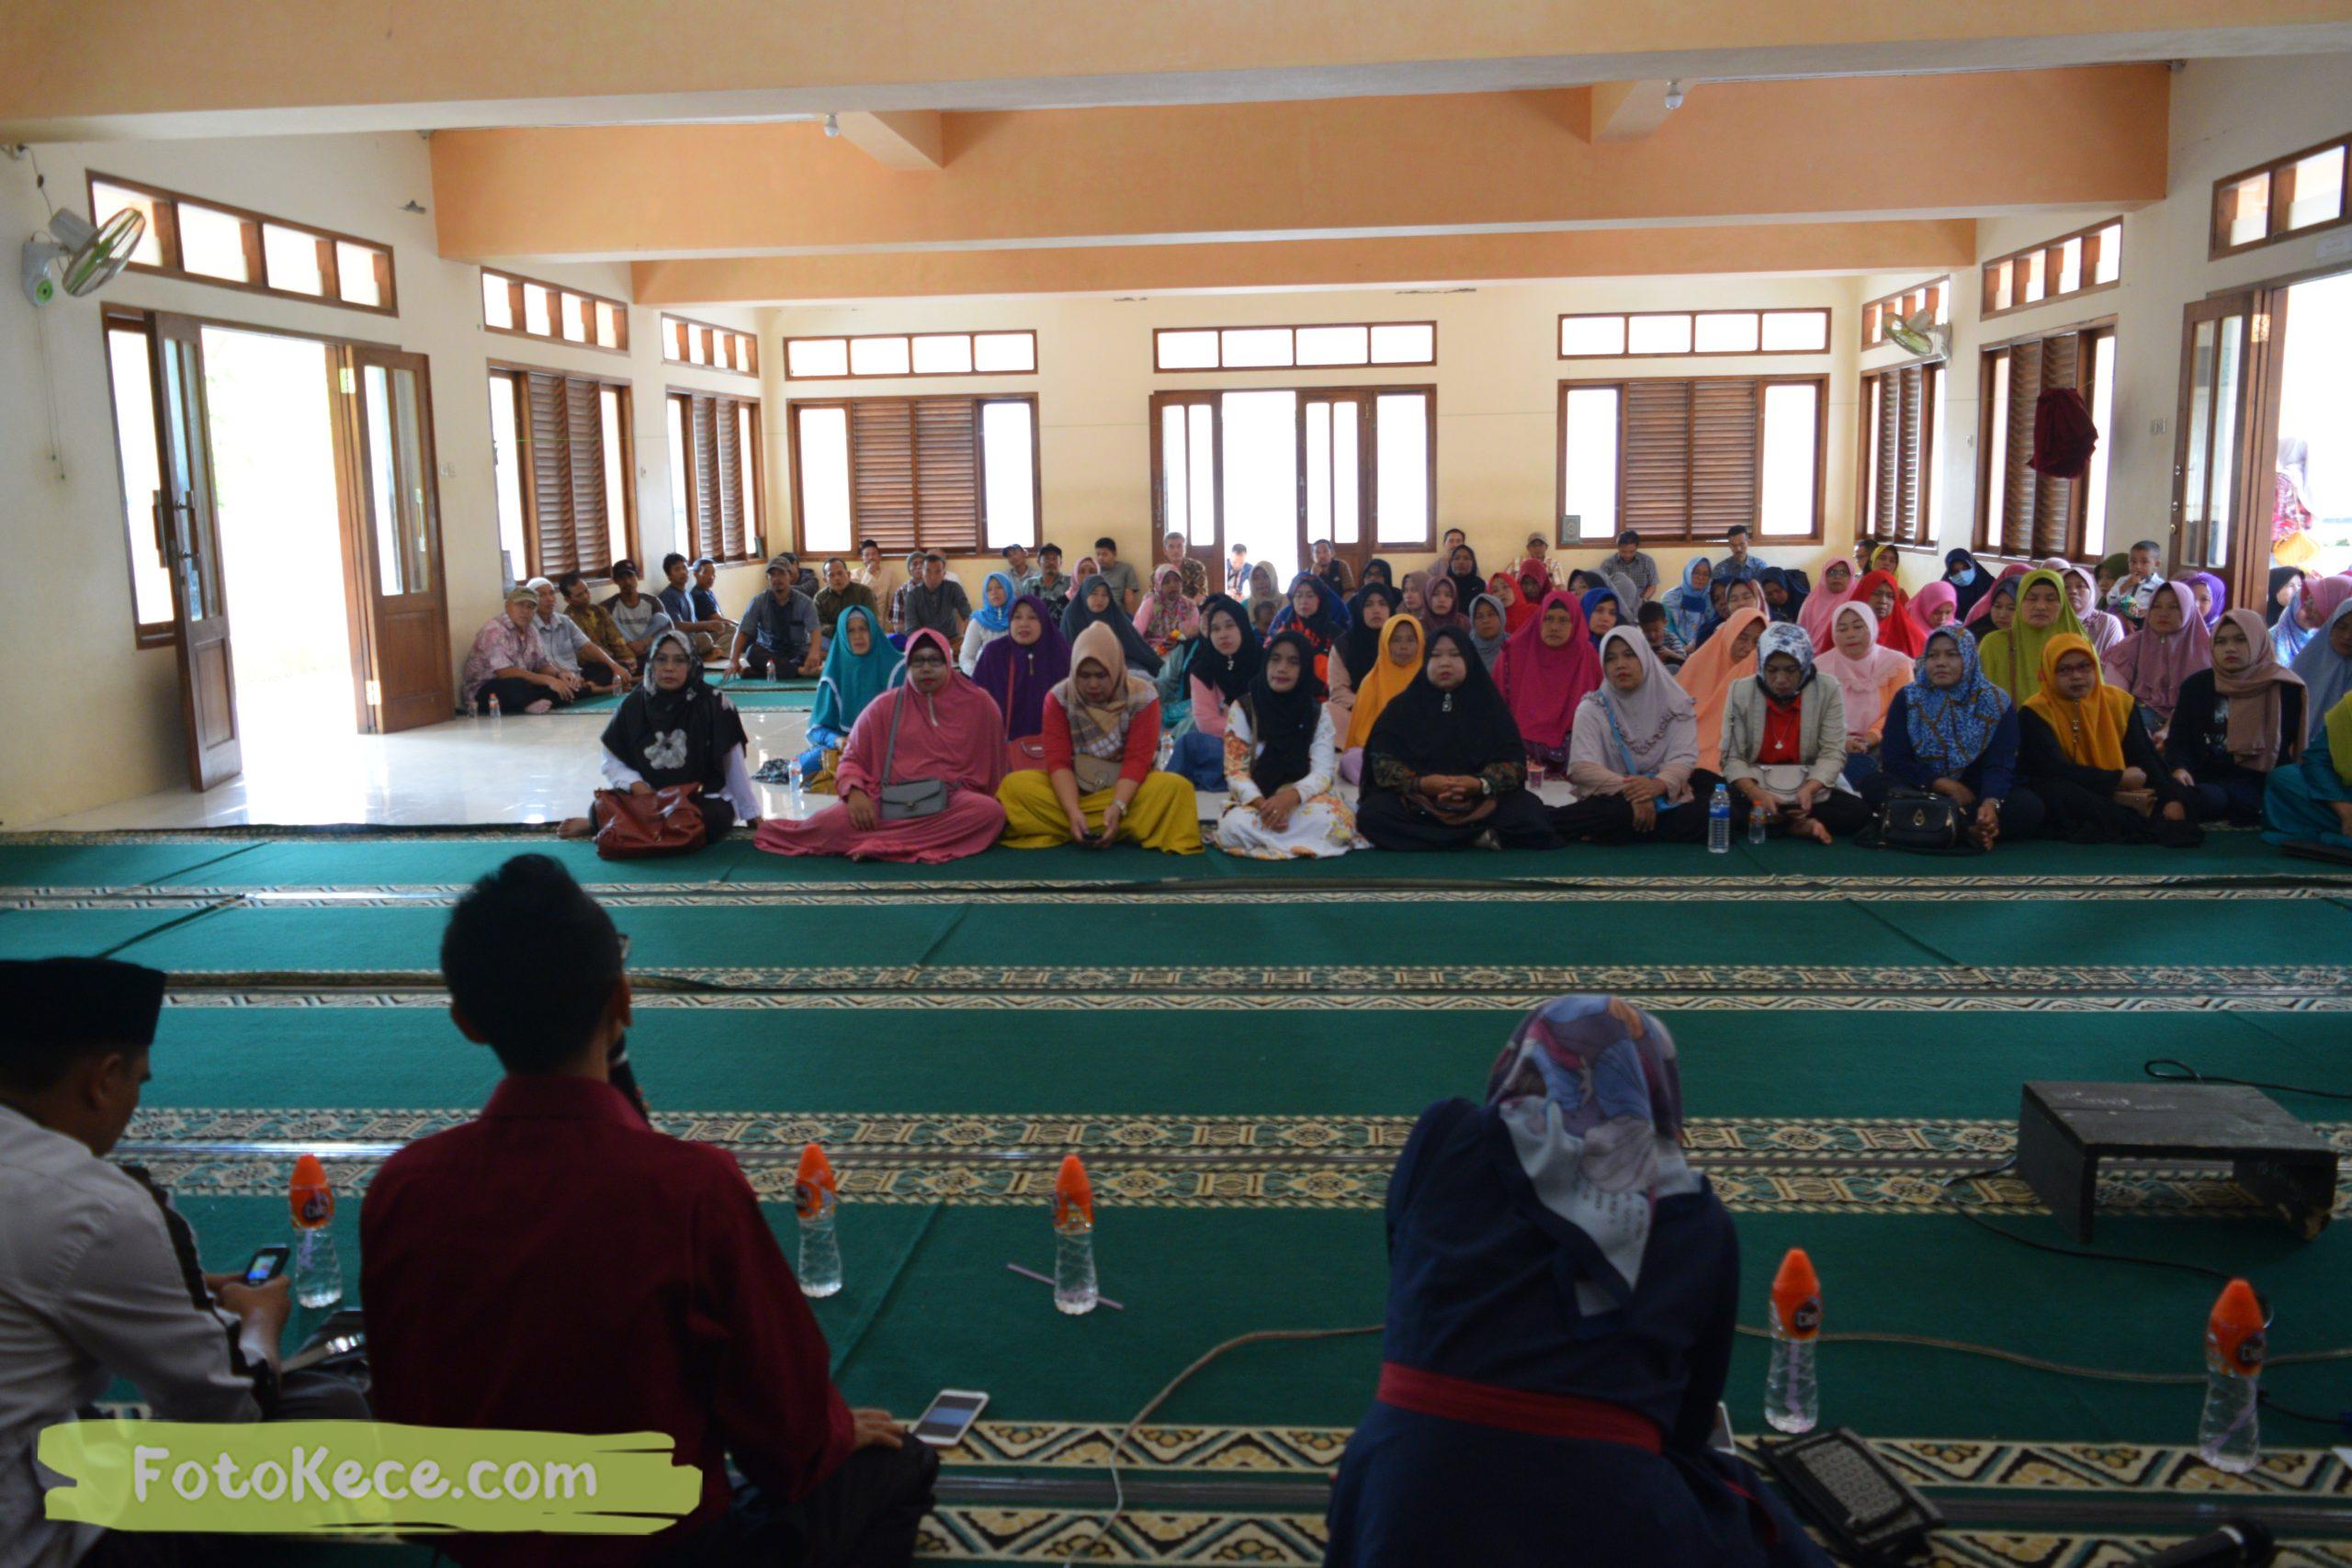 rapat komite ortu siswa kelas 9 mtsn 2 sukabumi 05022020 foto kece poto kece 54 scaled